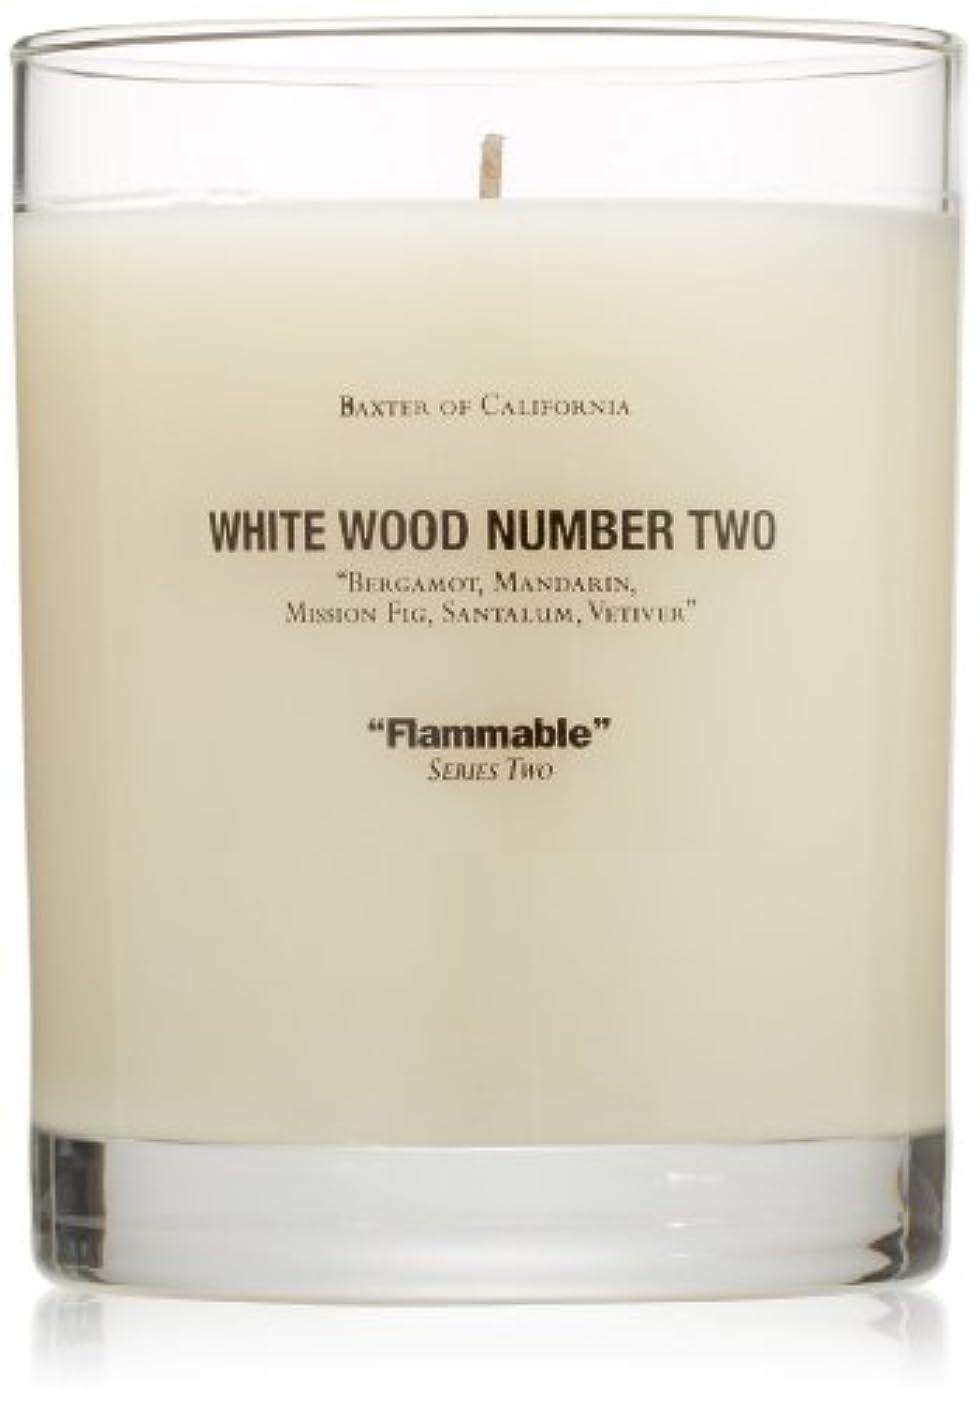 十代鷹妻Baxter OF CALIFORNIA(バクスター オブ カリフォルニア) ホワイトウッドキャンドルtwo 255g